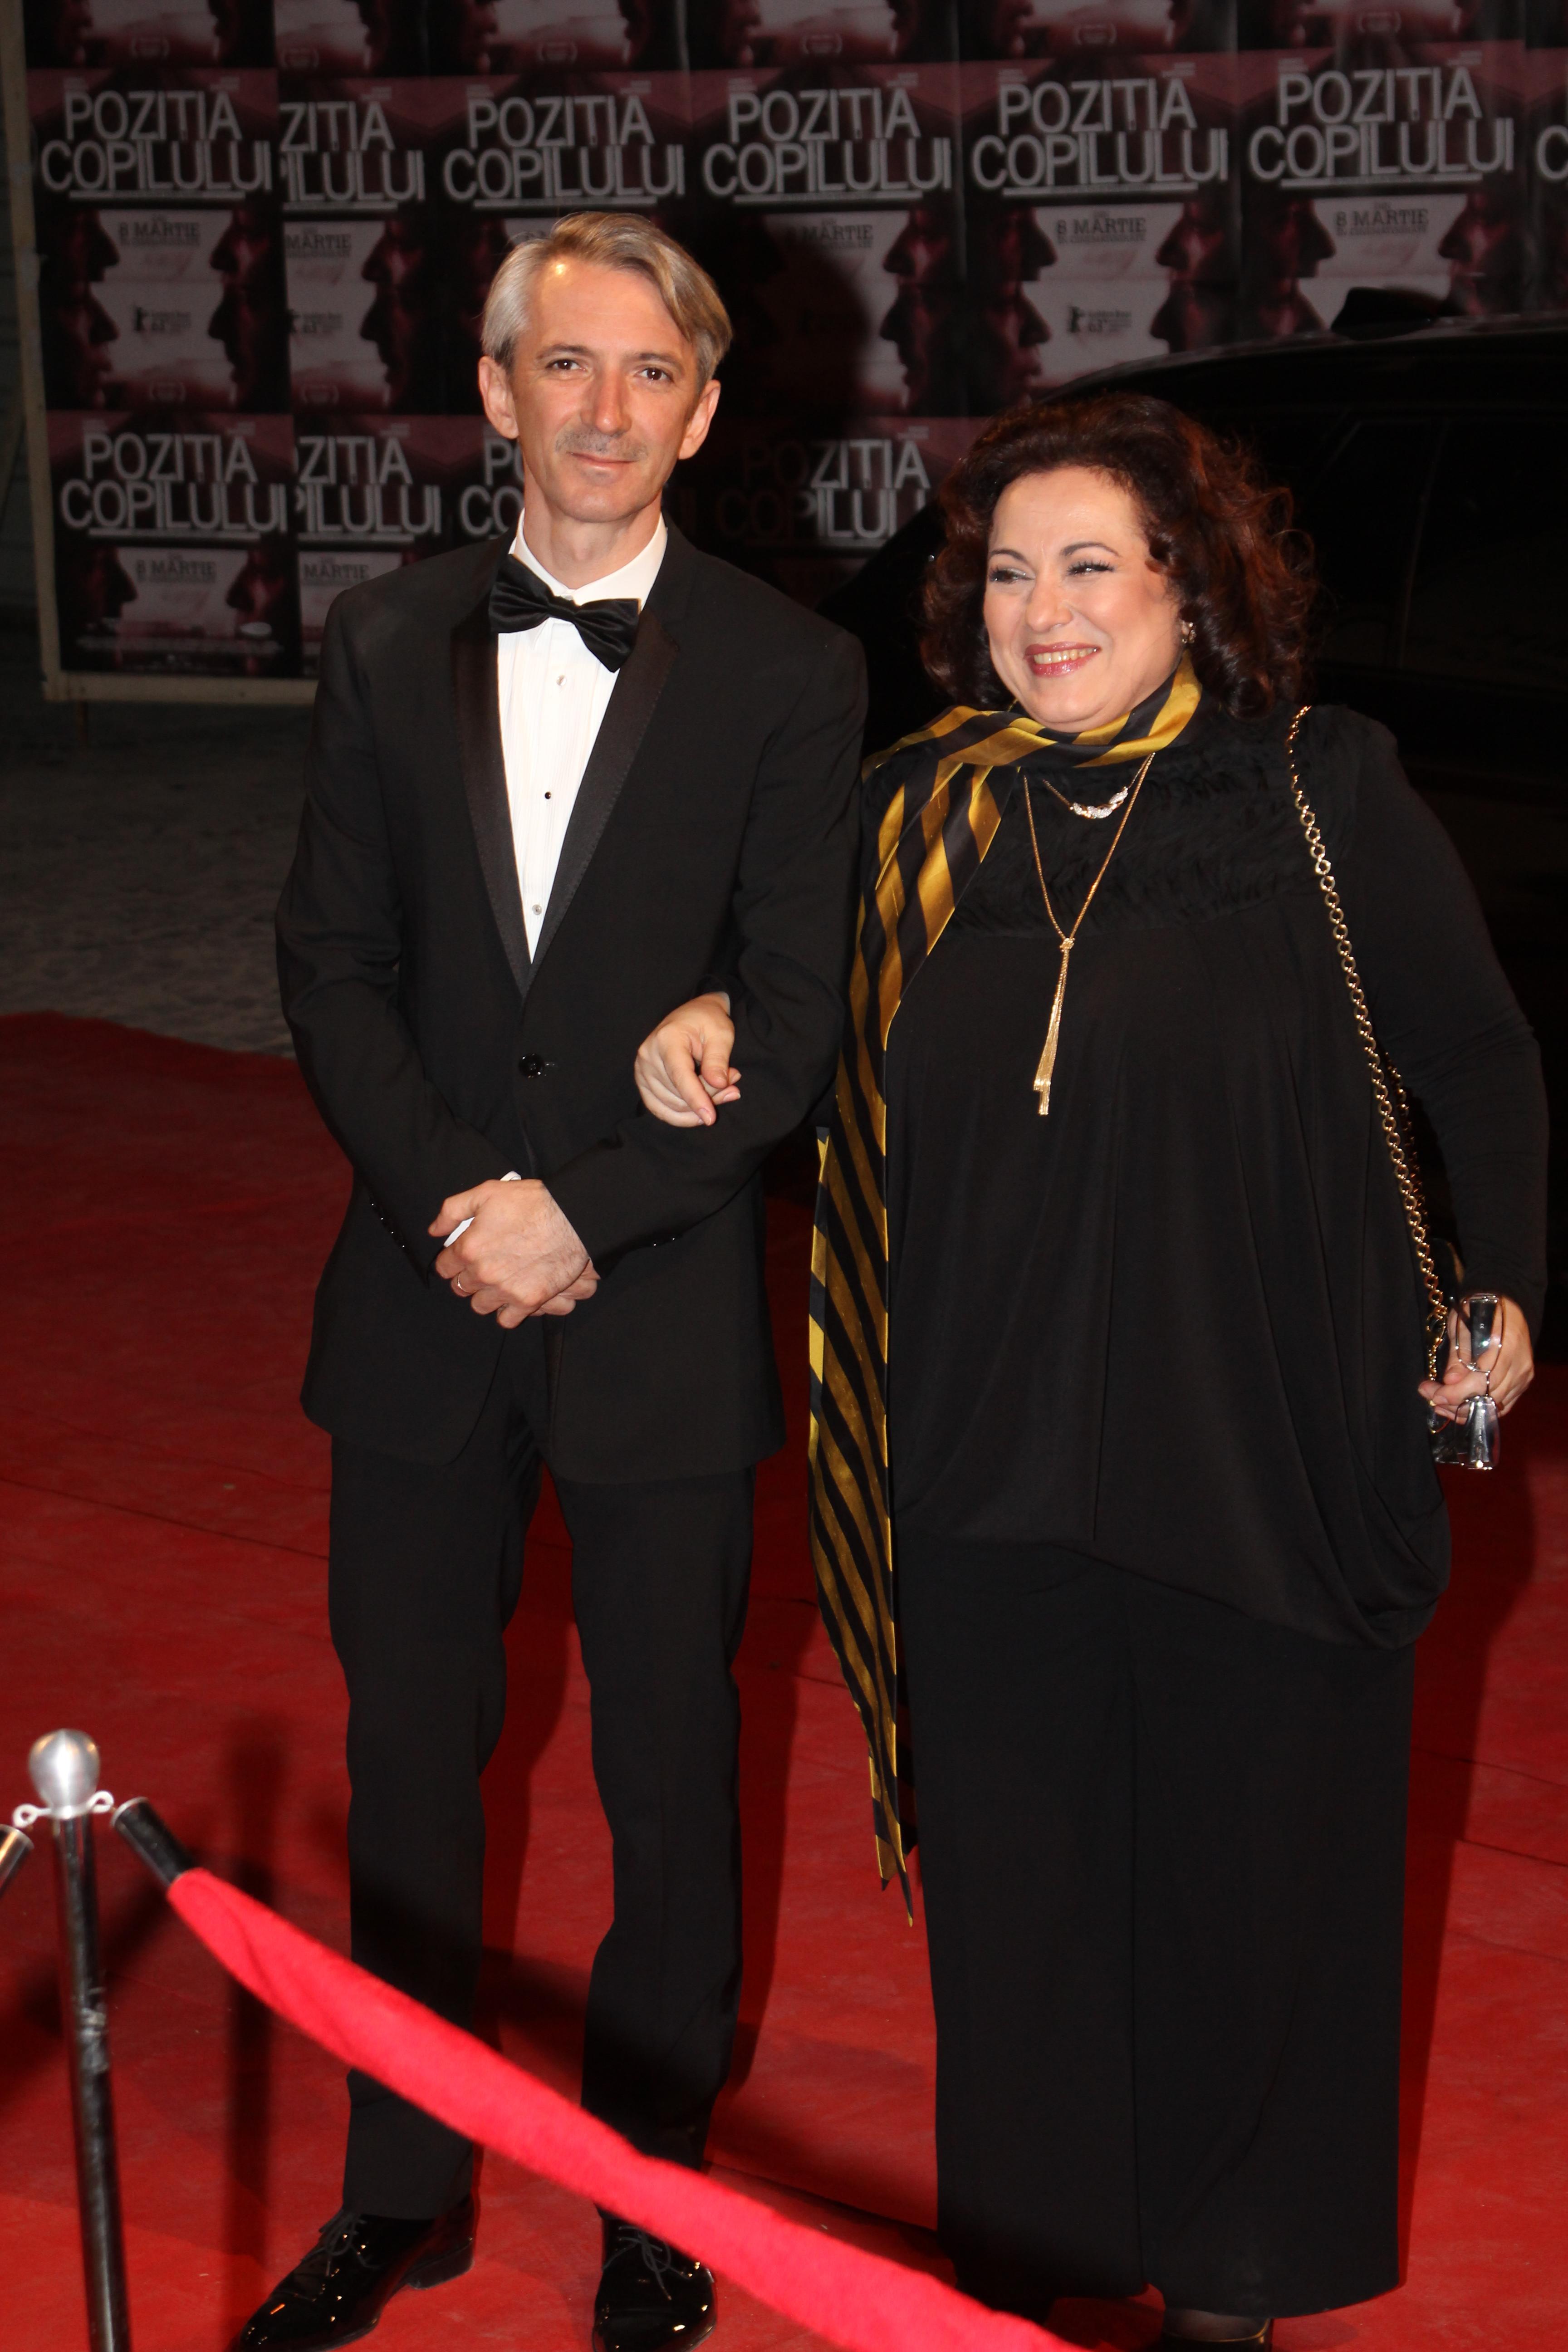 Afaceristul pitestean a zambit mandru pe covorul rosu, la premiera din Romania a filmului